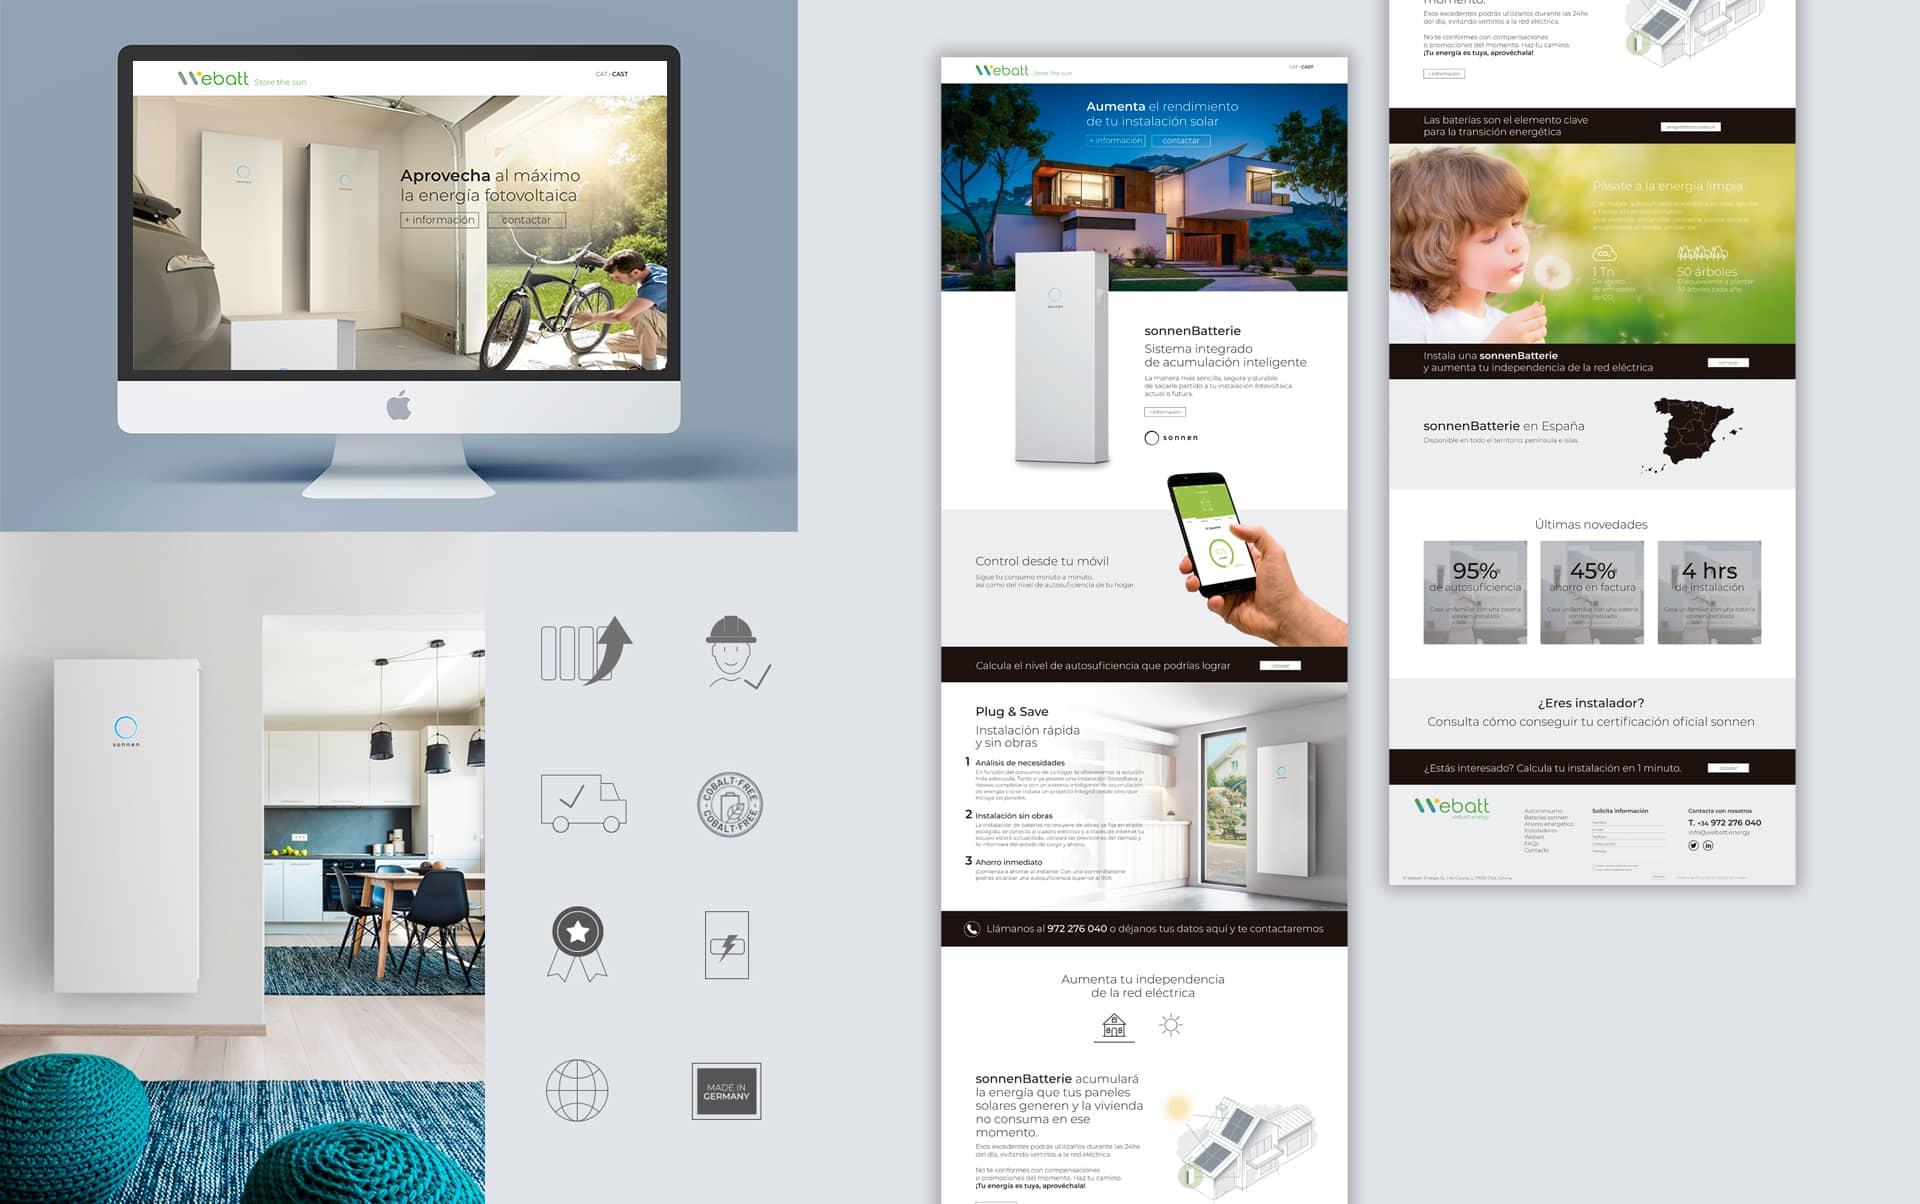 03 Proyecto de comunicacion global para web webatt - Análisis, consultoría, estilo comunicacional y diseño web